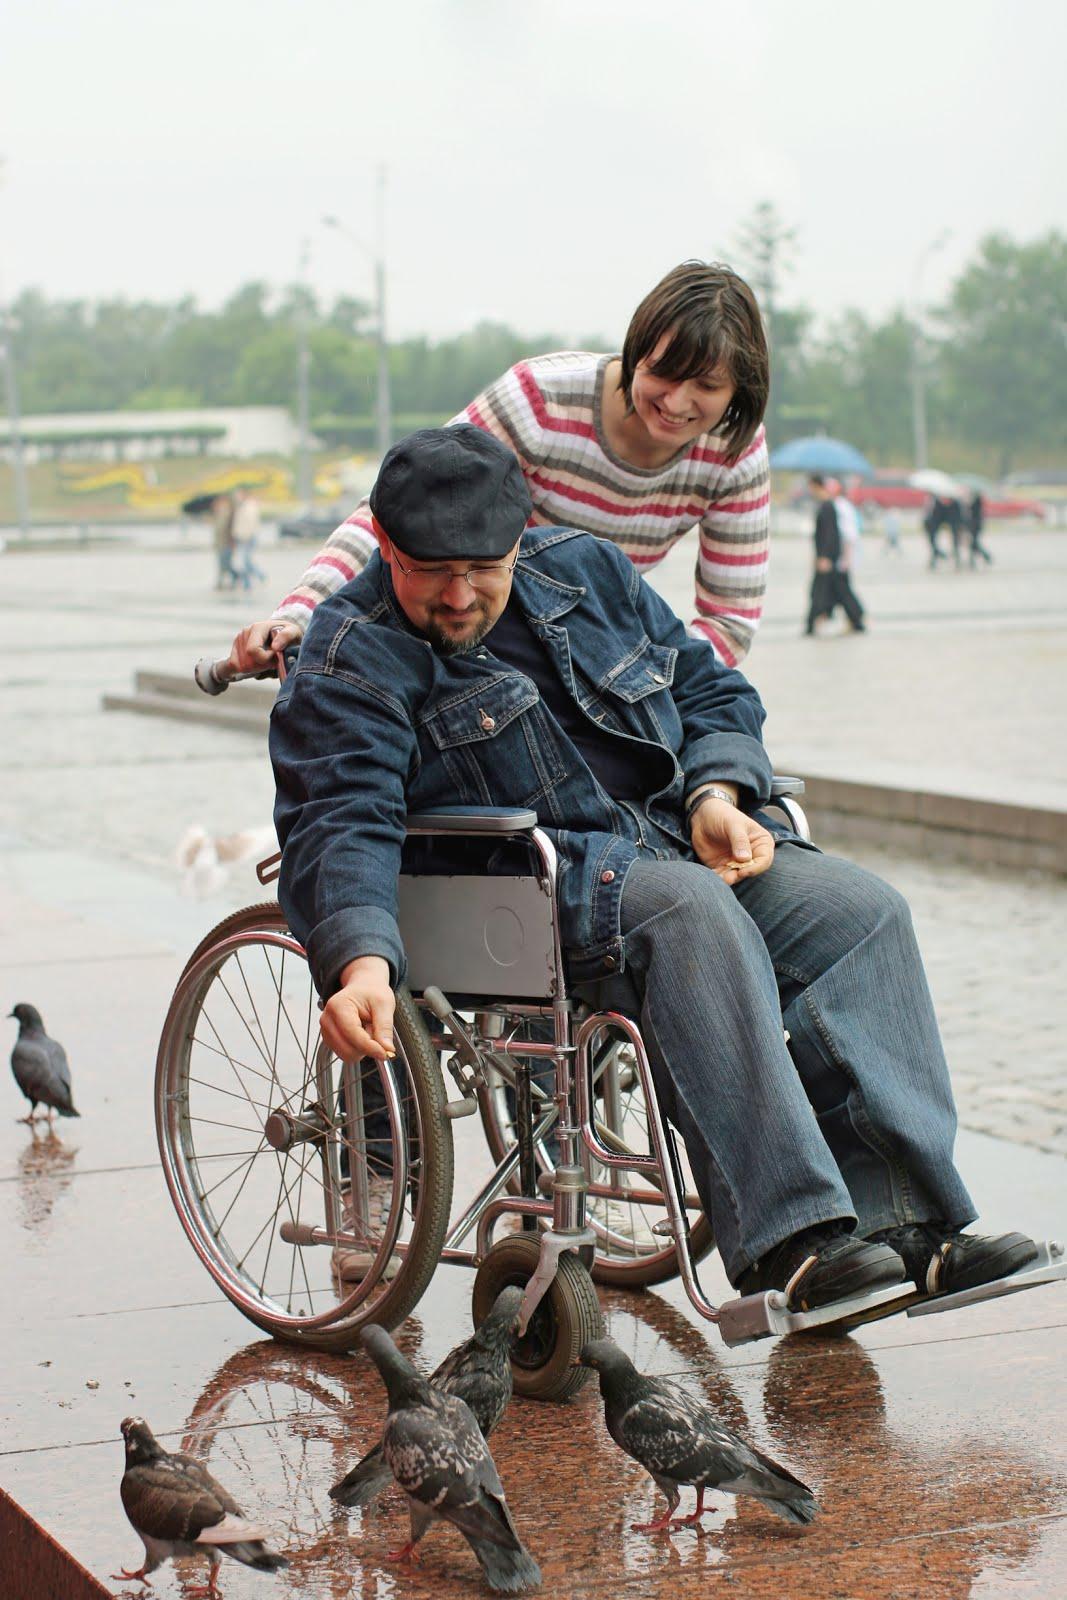 BANCO DE IMGENES Da Internacional de las Personas con Discapacidad de las Naciones Unidas 3 de Diciembre